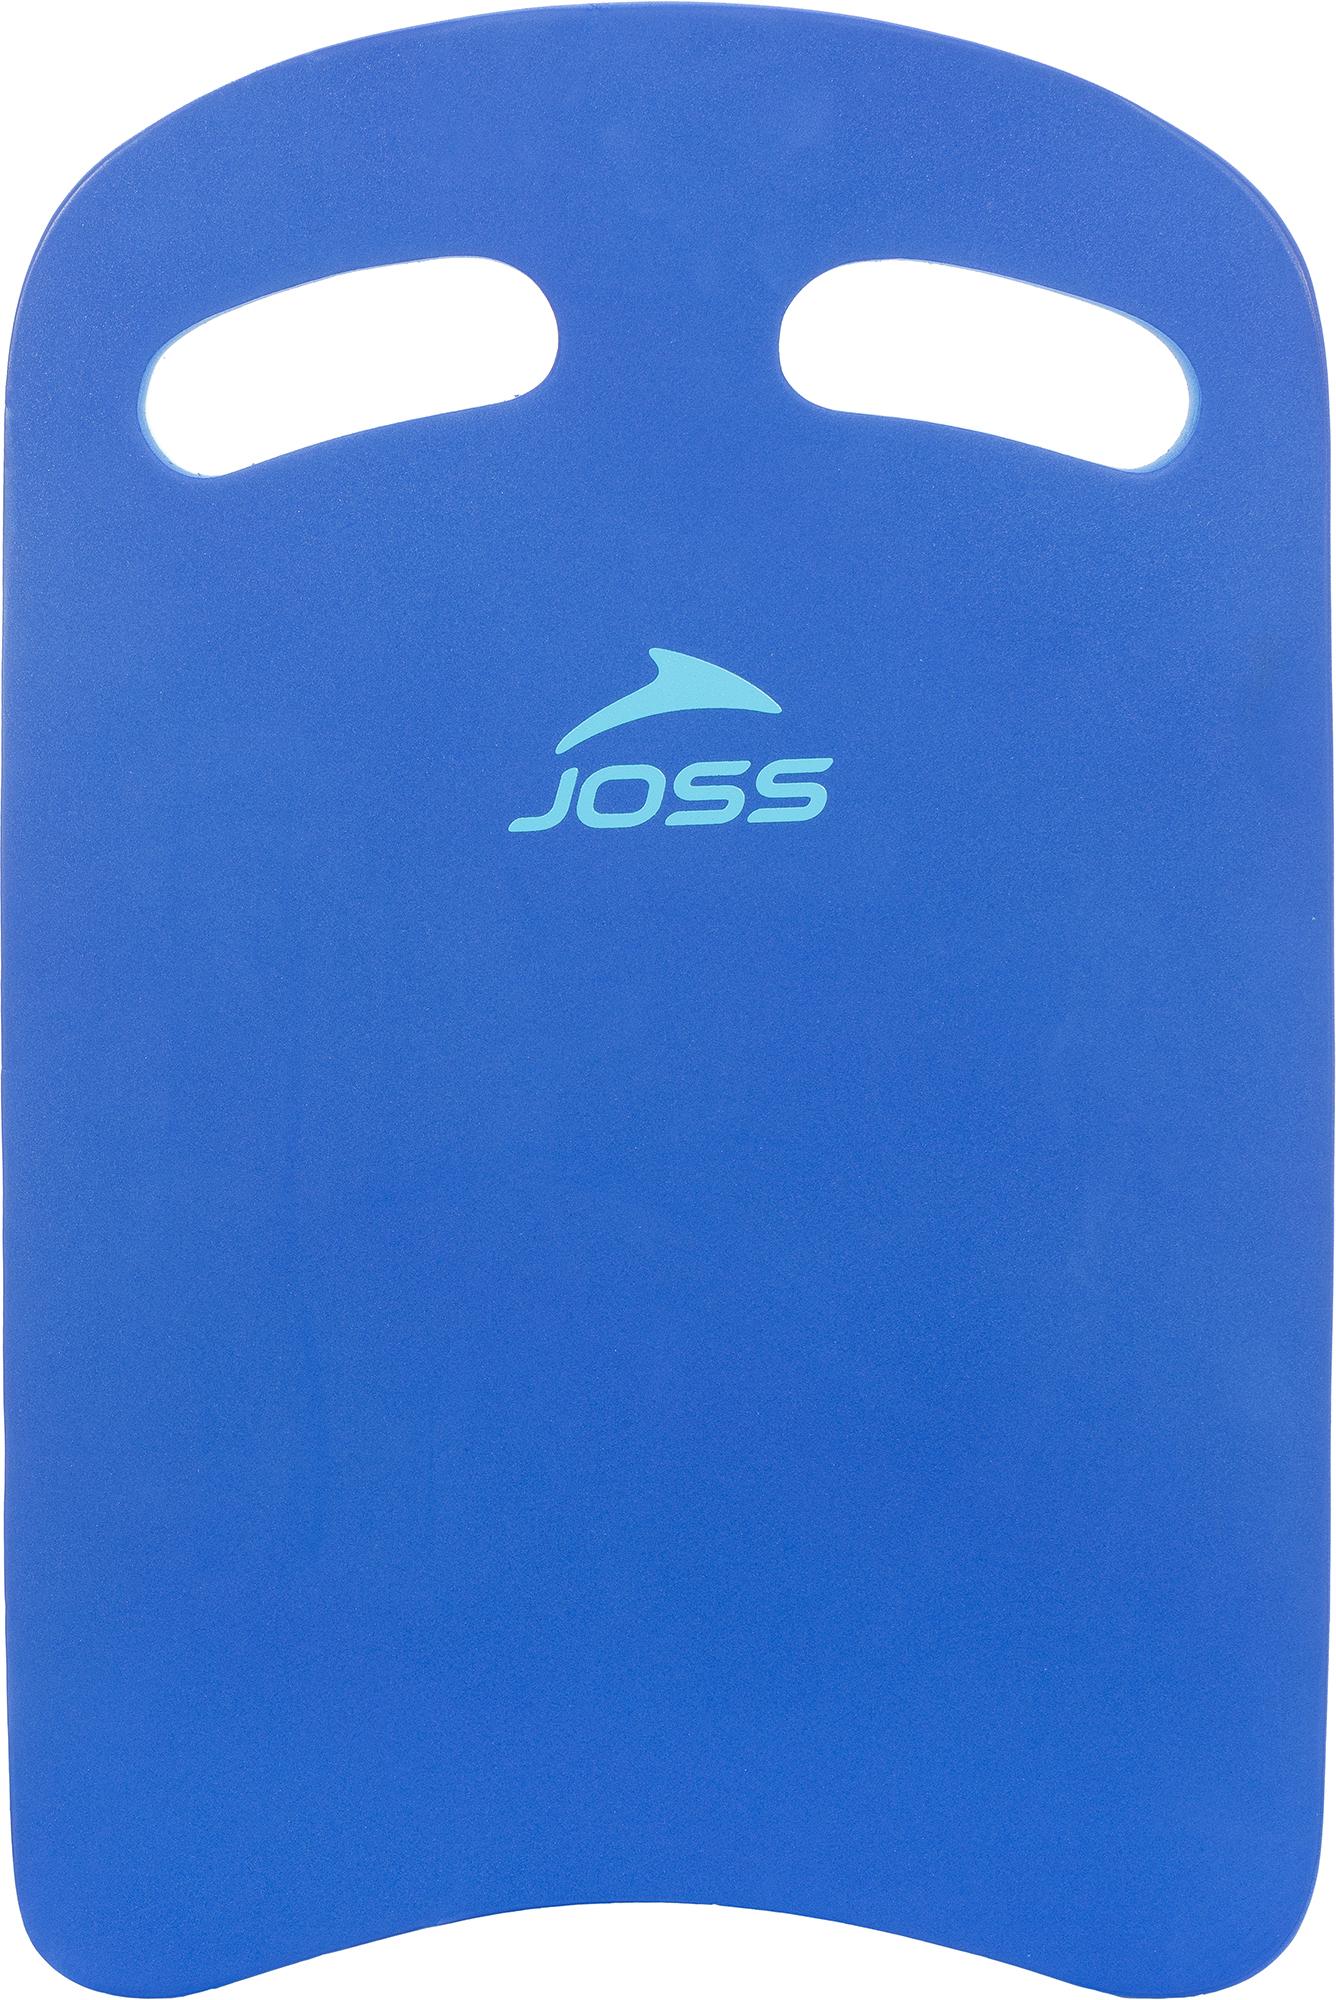 Joss Доска для плавания